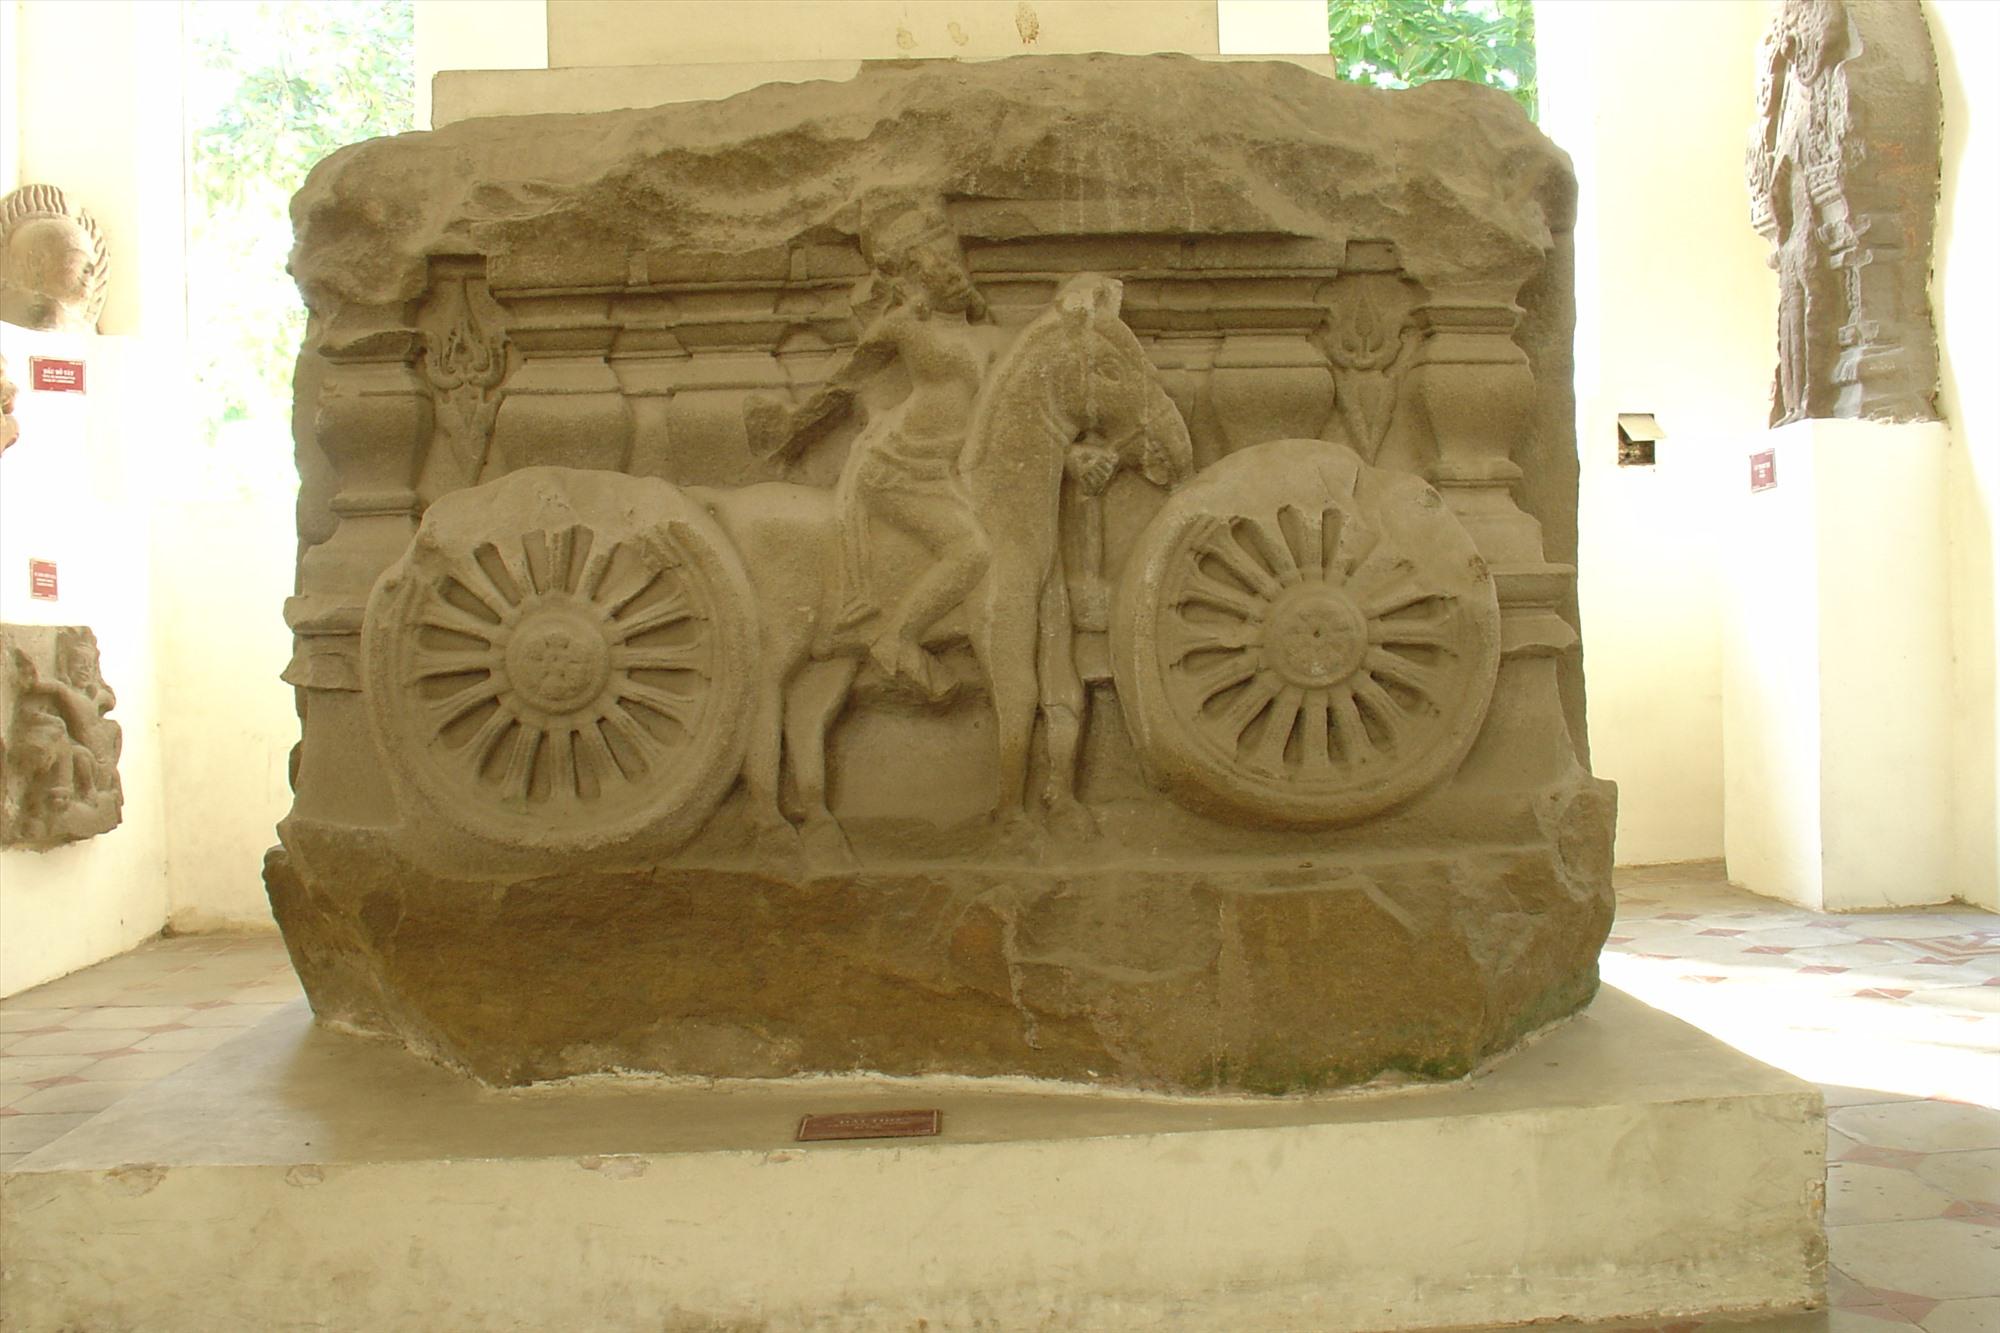 Đài thờ Khương Mỹ thể hiện cỗ chiến xa bốn bánh do thần Krisna điều khiển.